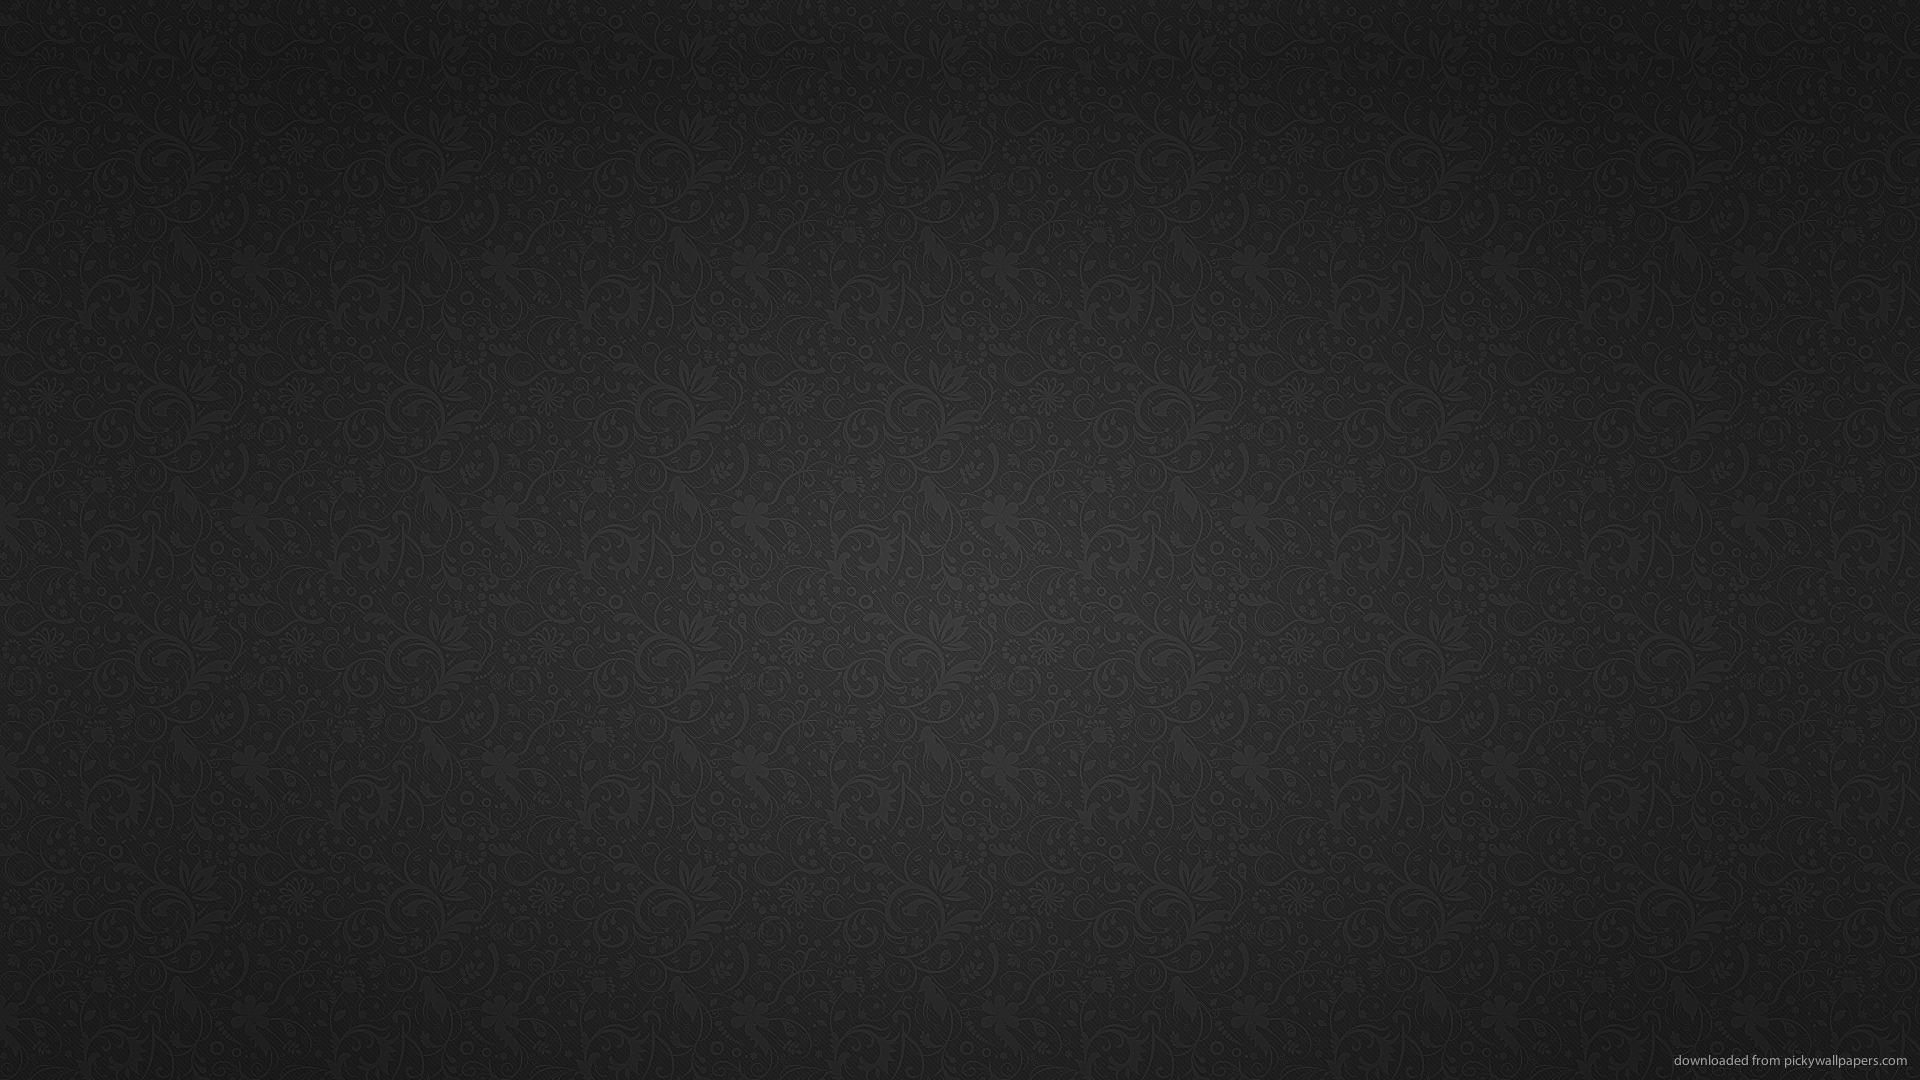 Cool Subtle Wallpaper 23276 1920x1200 px